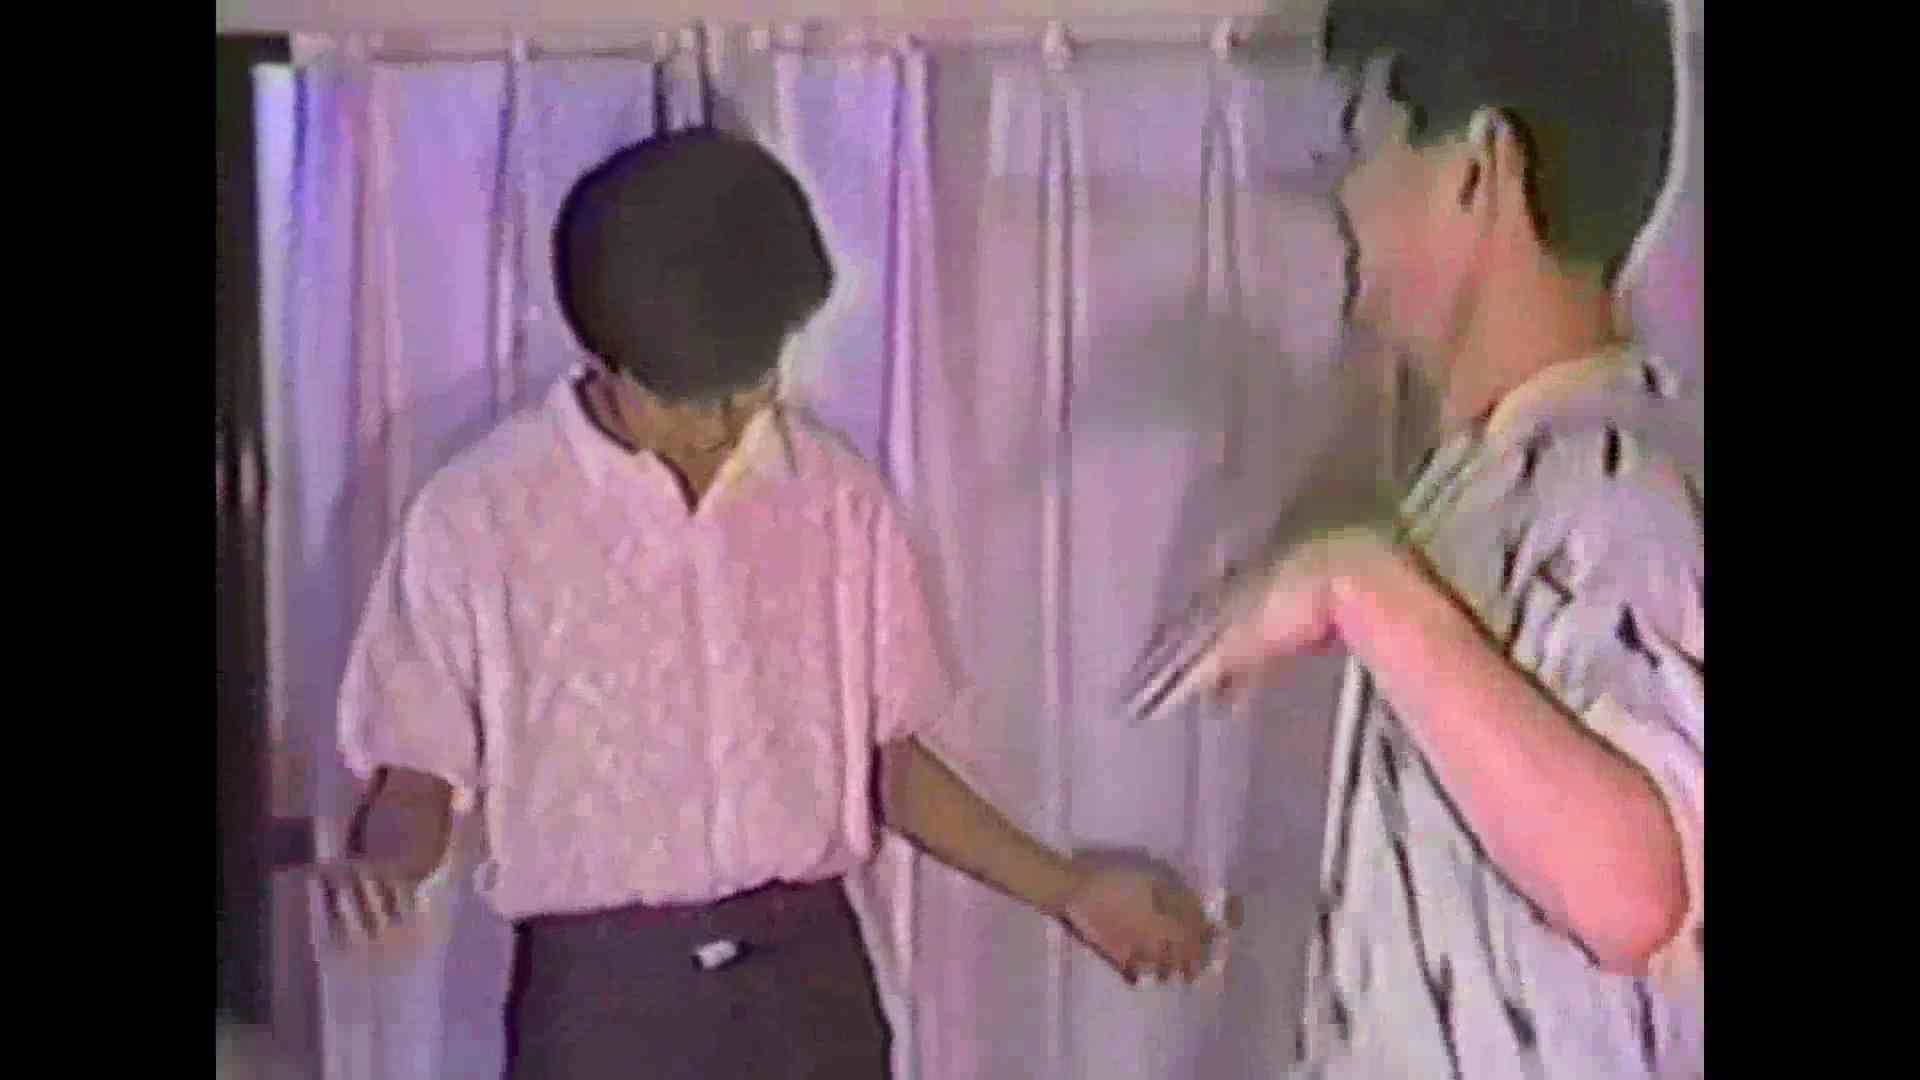 往年の名作 あの頃は若かった!第3弾 Vol.04 仰天アナル ゲイ無料エロ画像 97pic 4